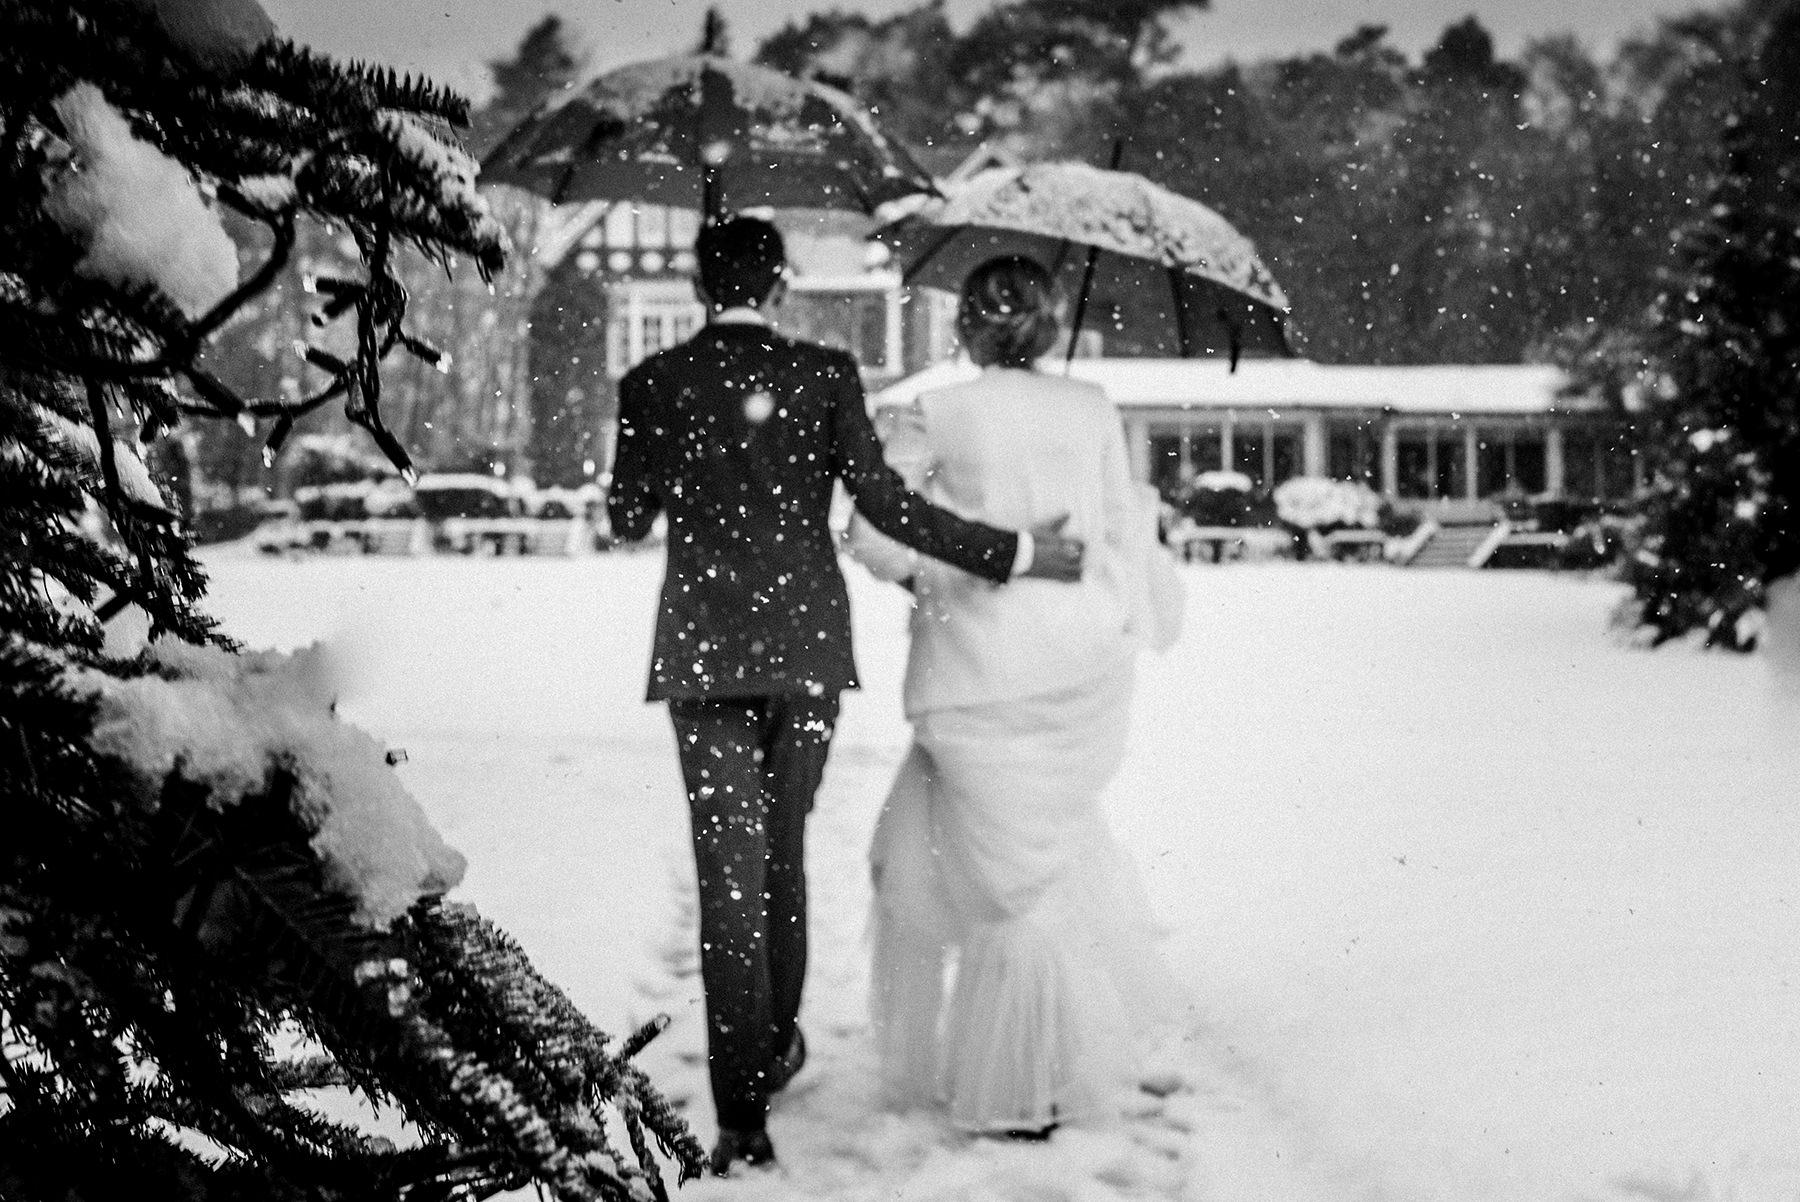 Trouwen in de winter | Winterbruiloft | Sneeuw op je bruiloft | Trouwen in de sneeuw | Trouwfoto's in de sneeuw